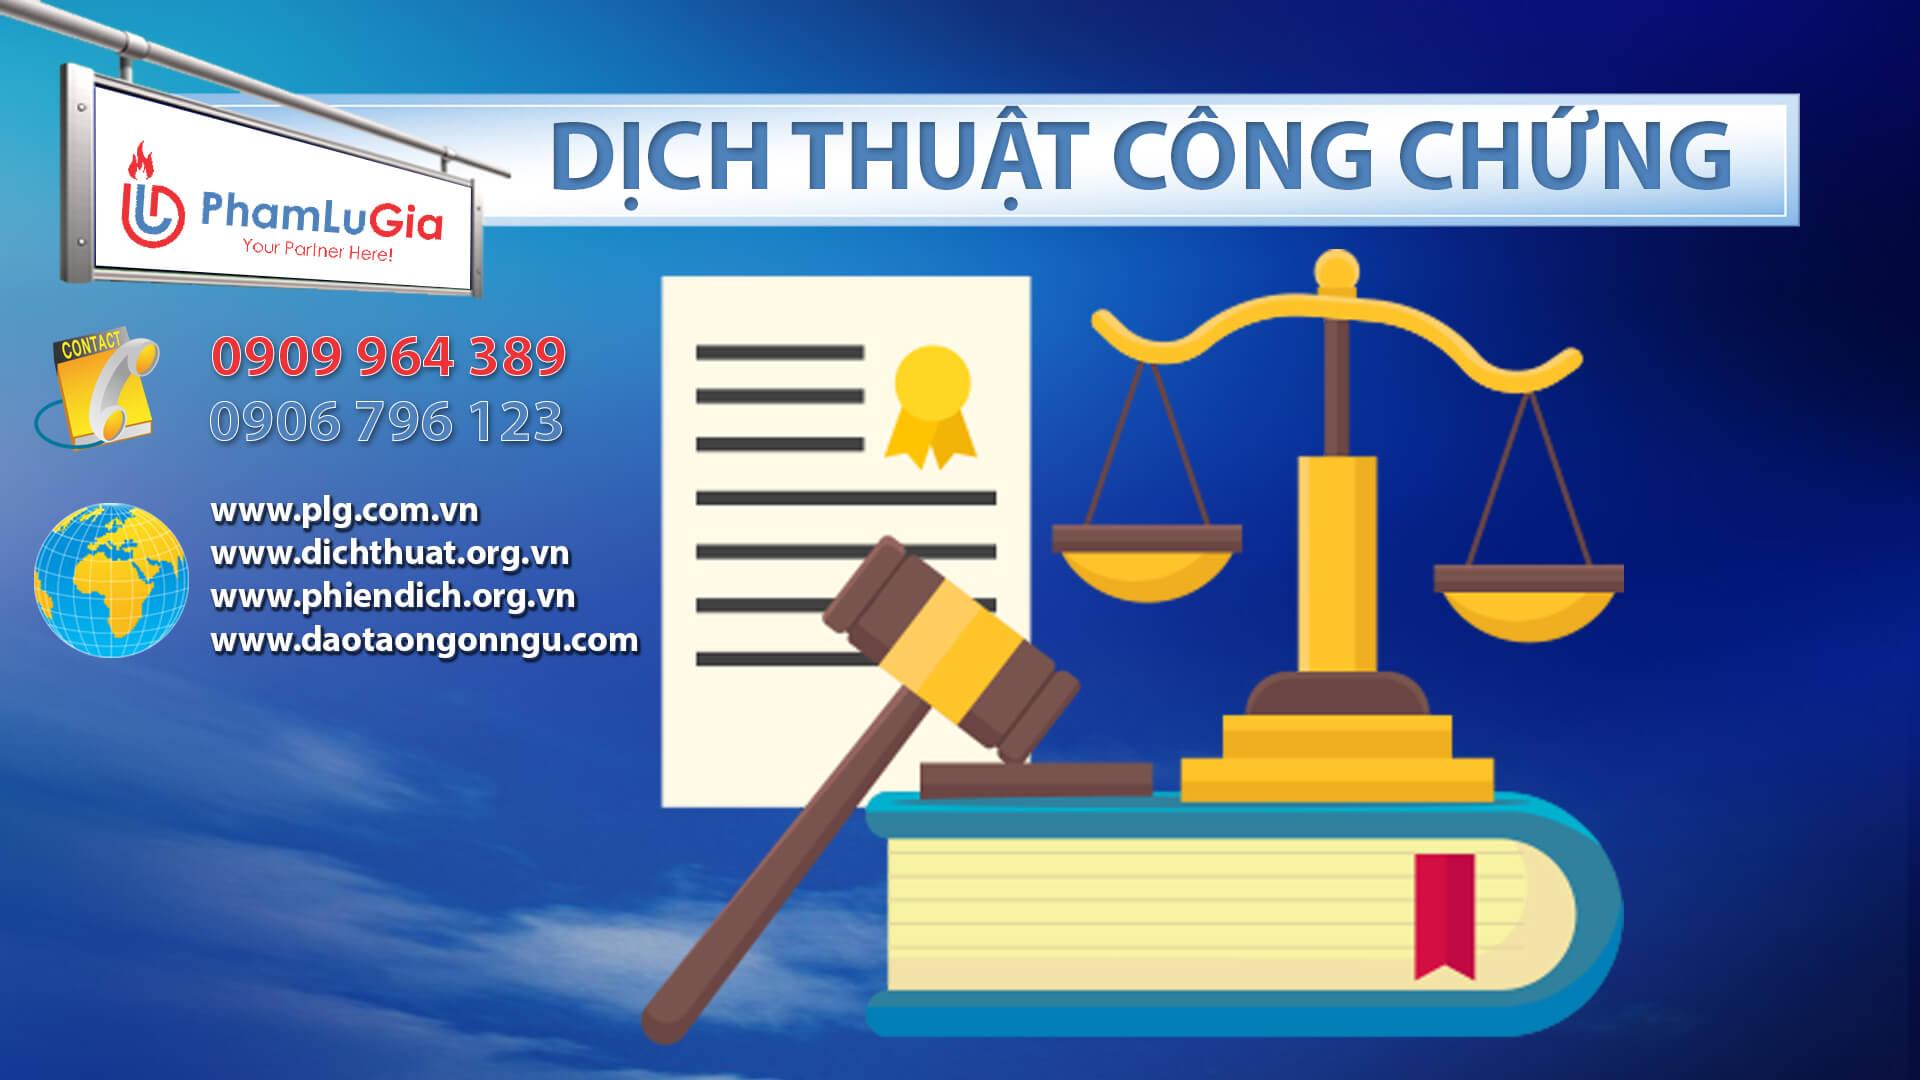 Dịch thuật công chứng Hồ Chí Minh